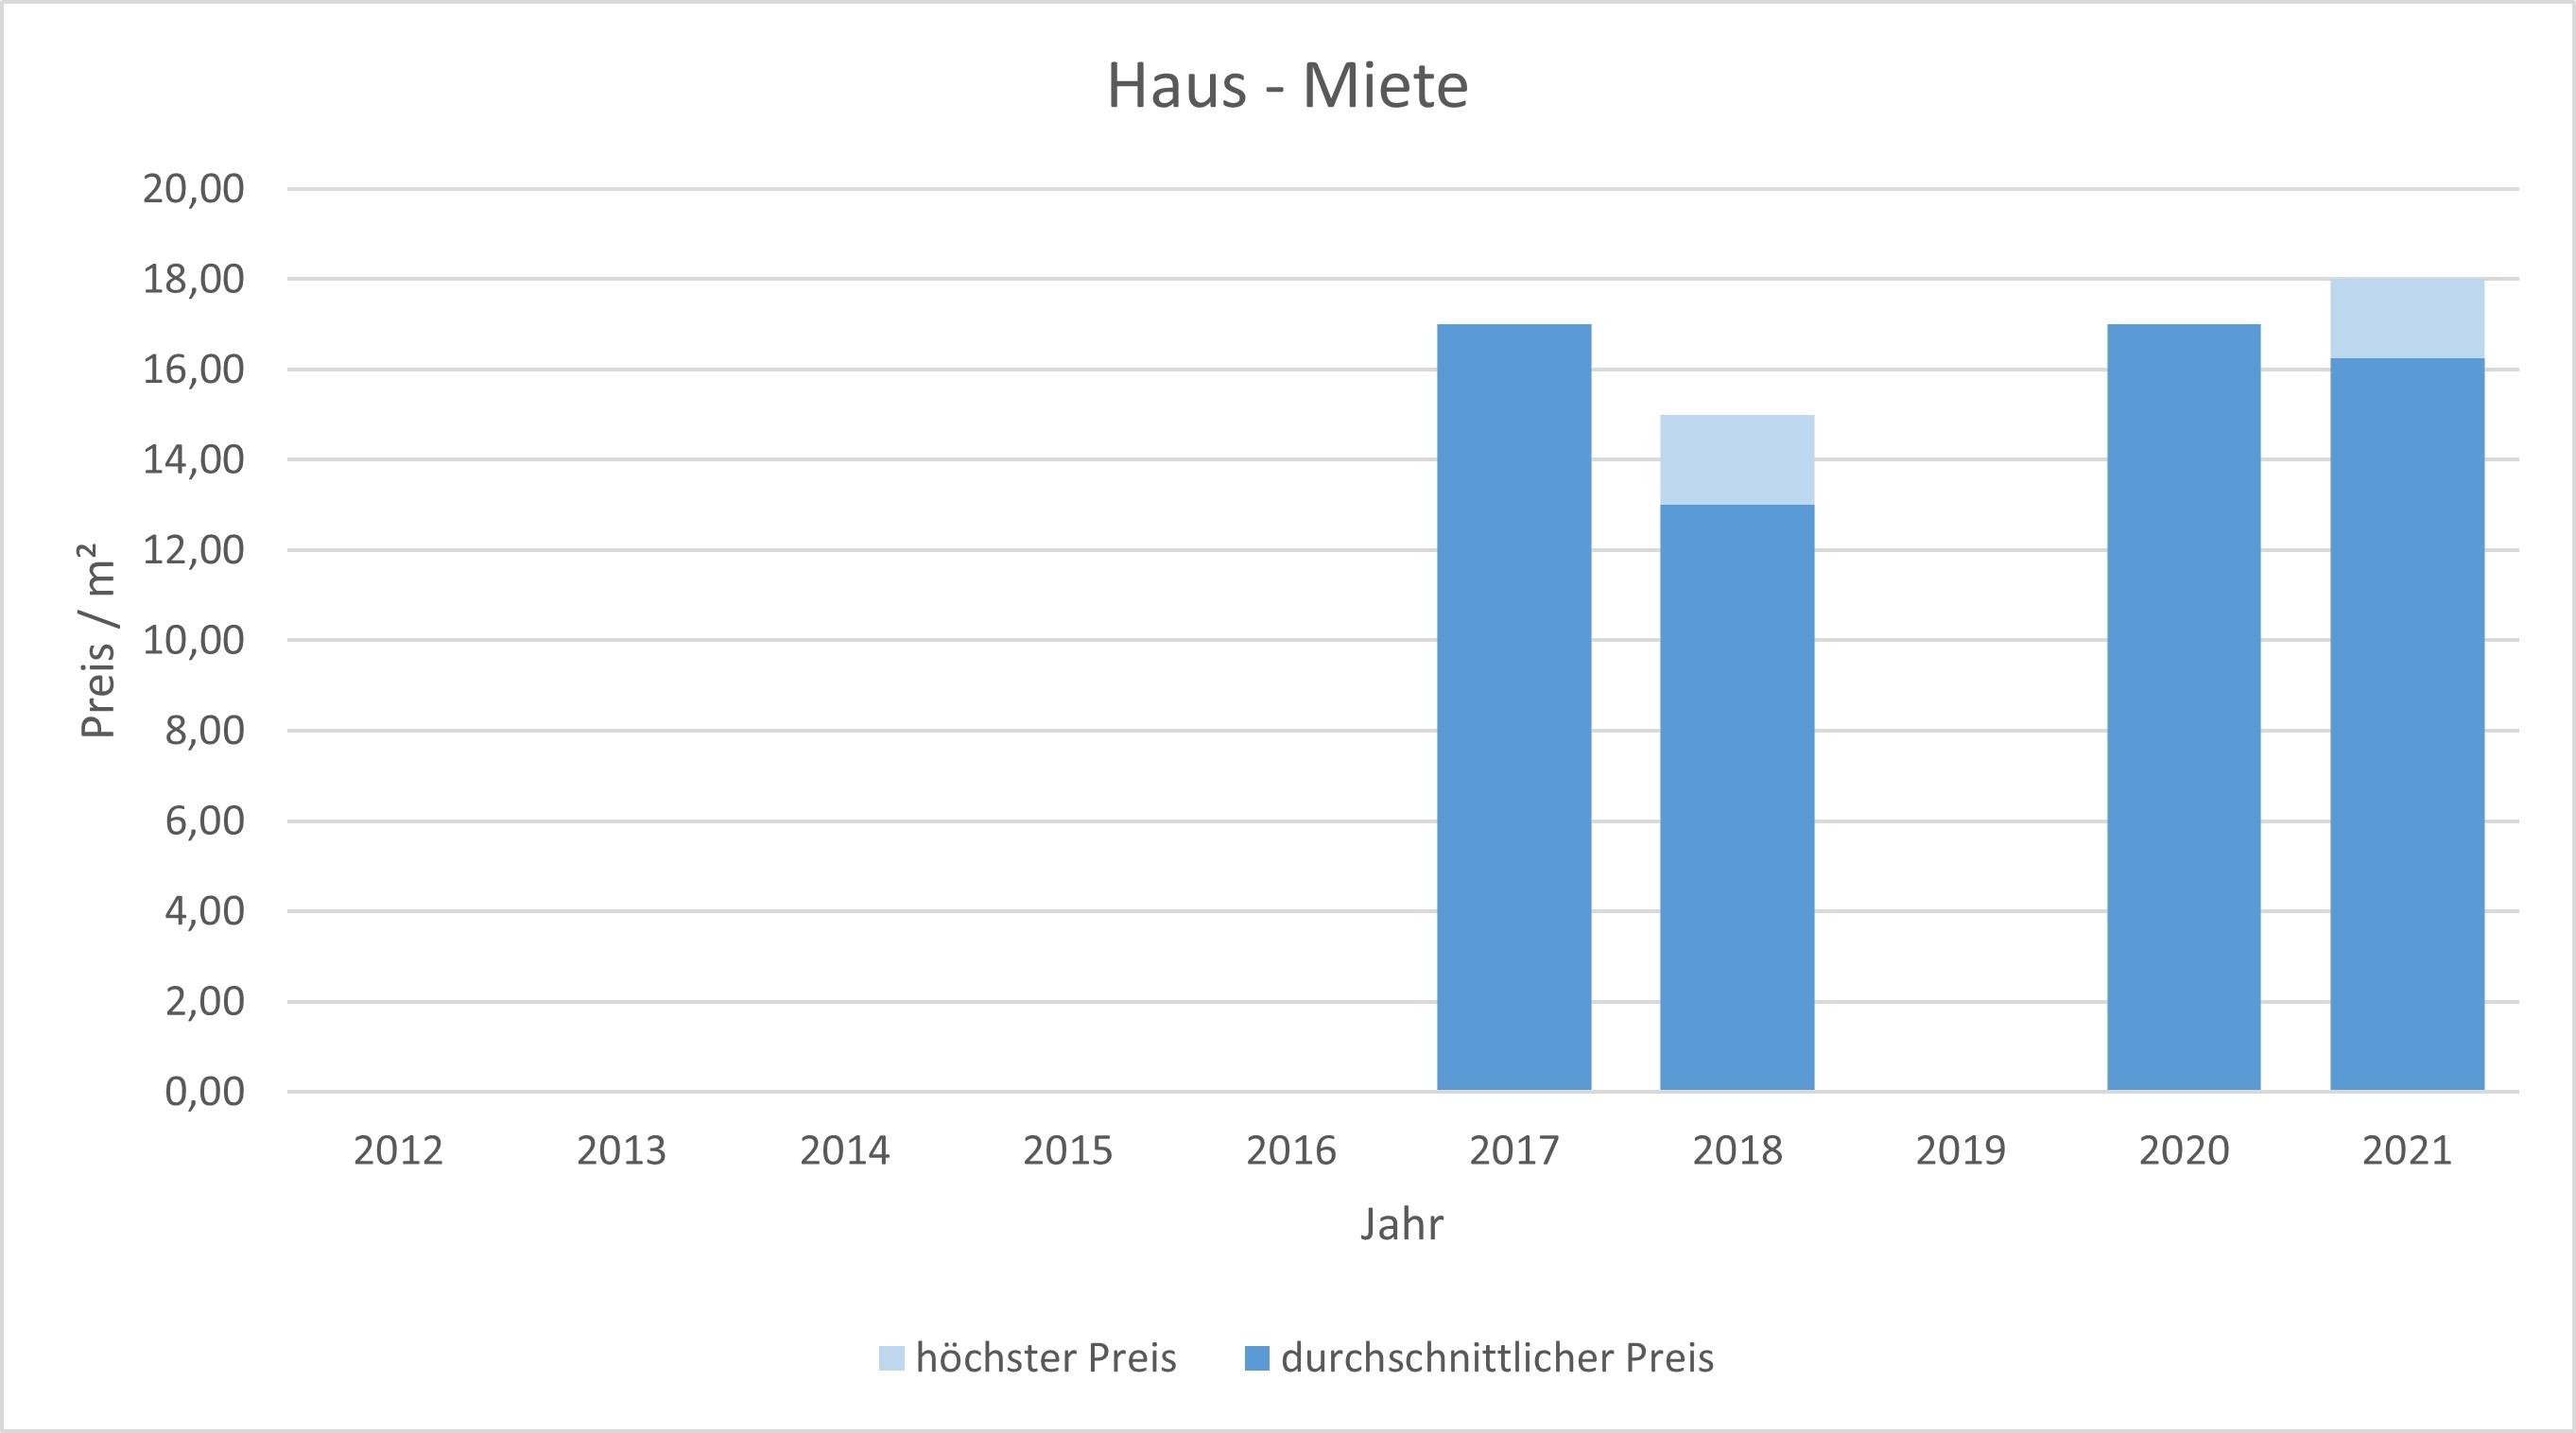 München - Blumenau haus mieten vermieten Preis Bewertung Makler 2019 2020 2021 www.happy-immo.de